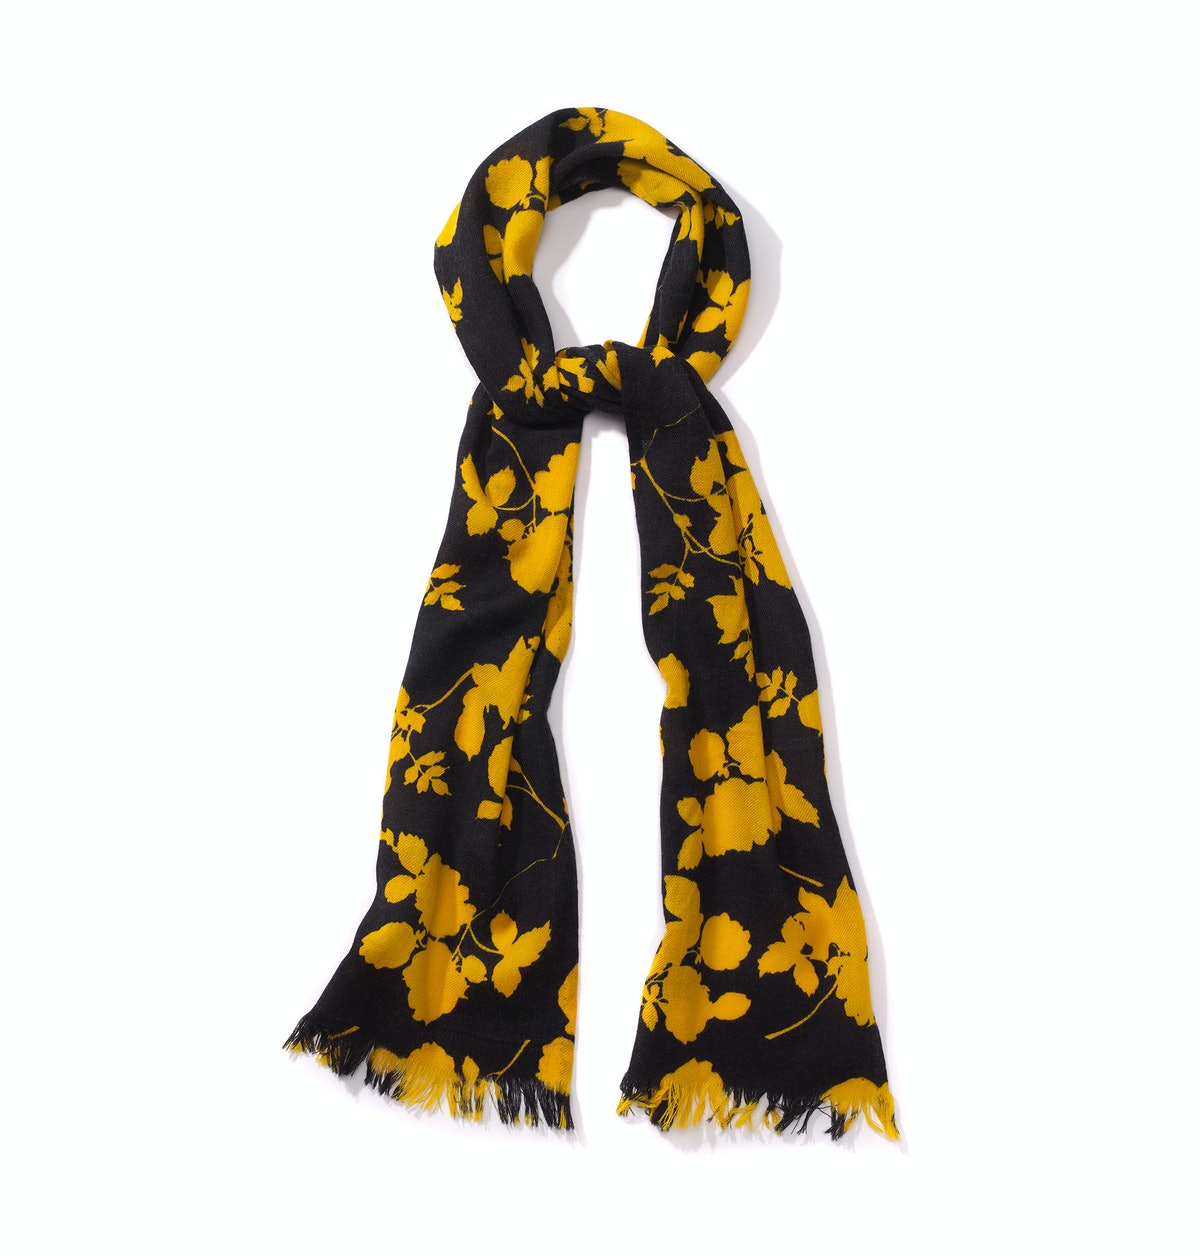 Dries Van Noten scarf